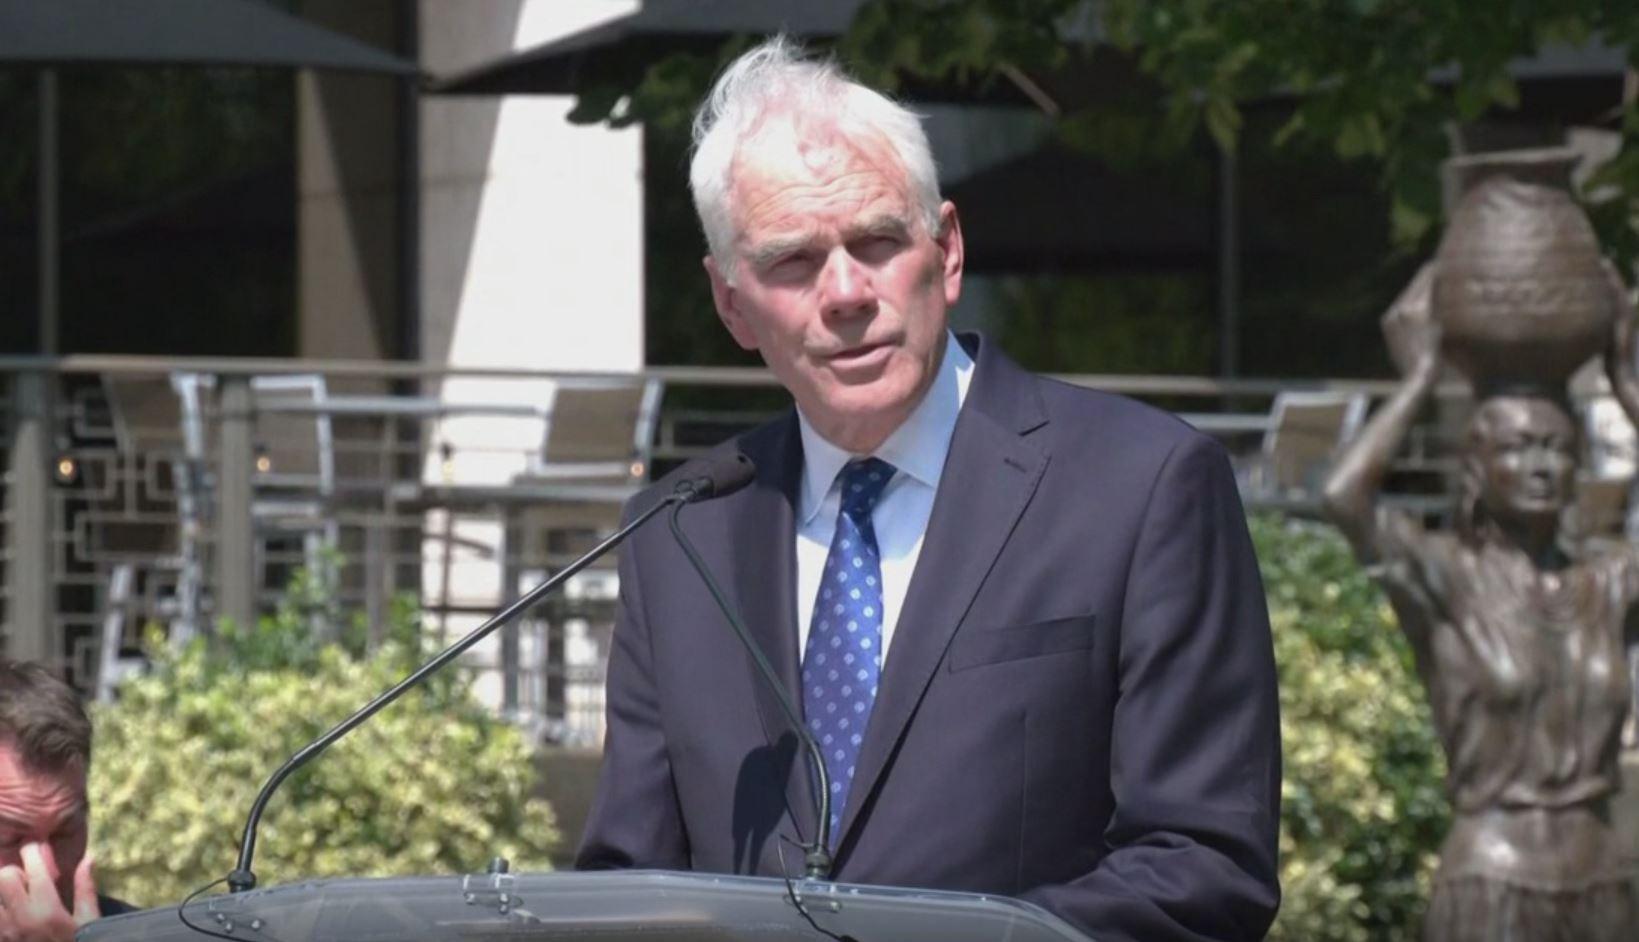 John O'Connor Attorney General